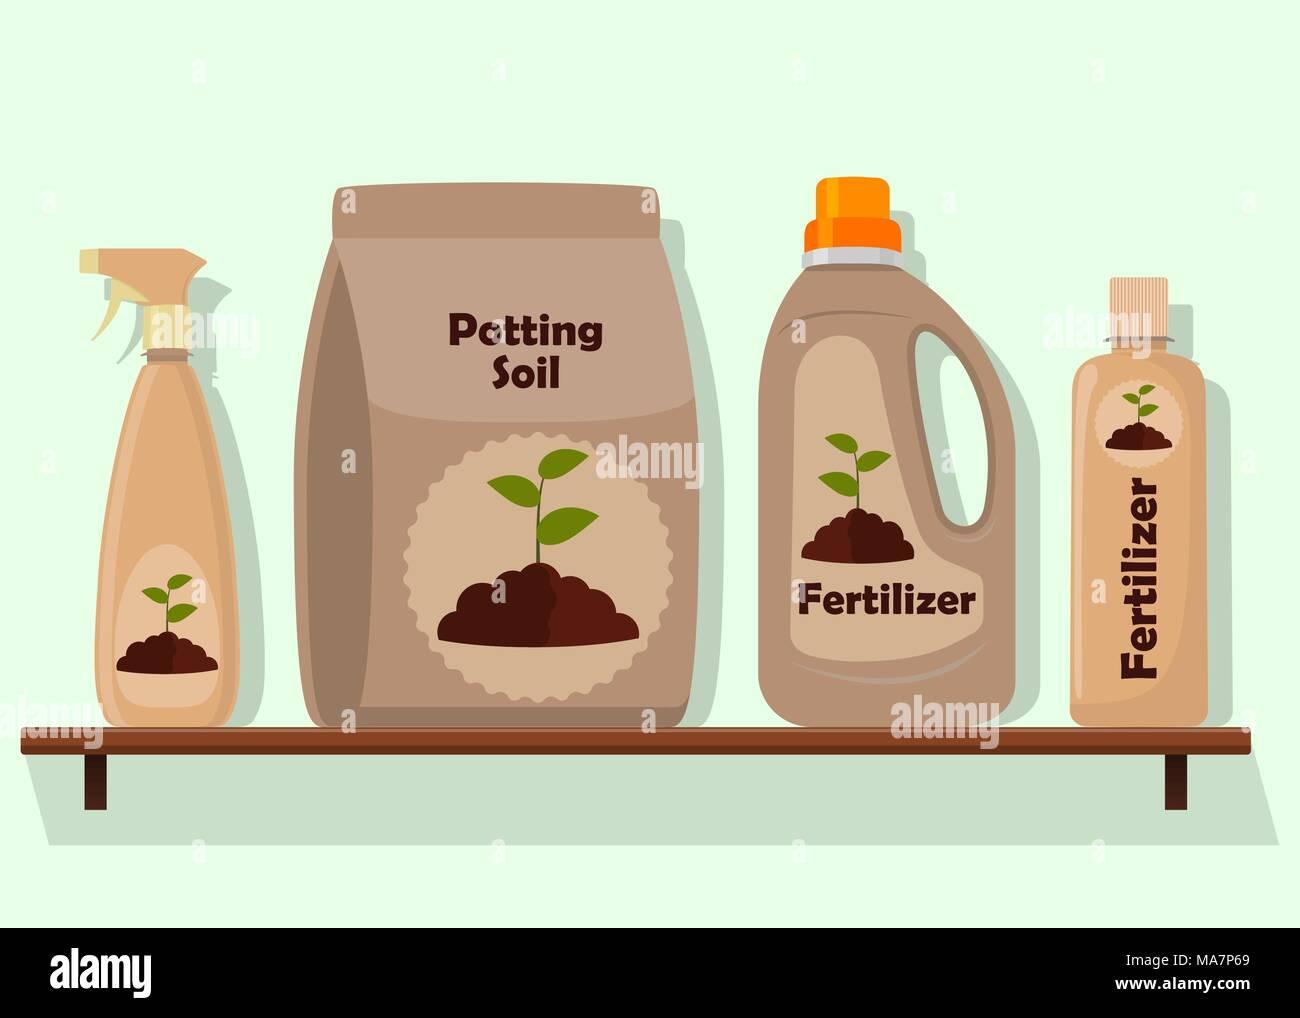 Imballaggio con terreno per le piante in vaso terreno di